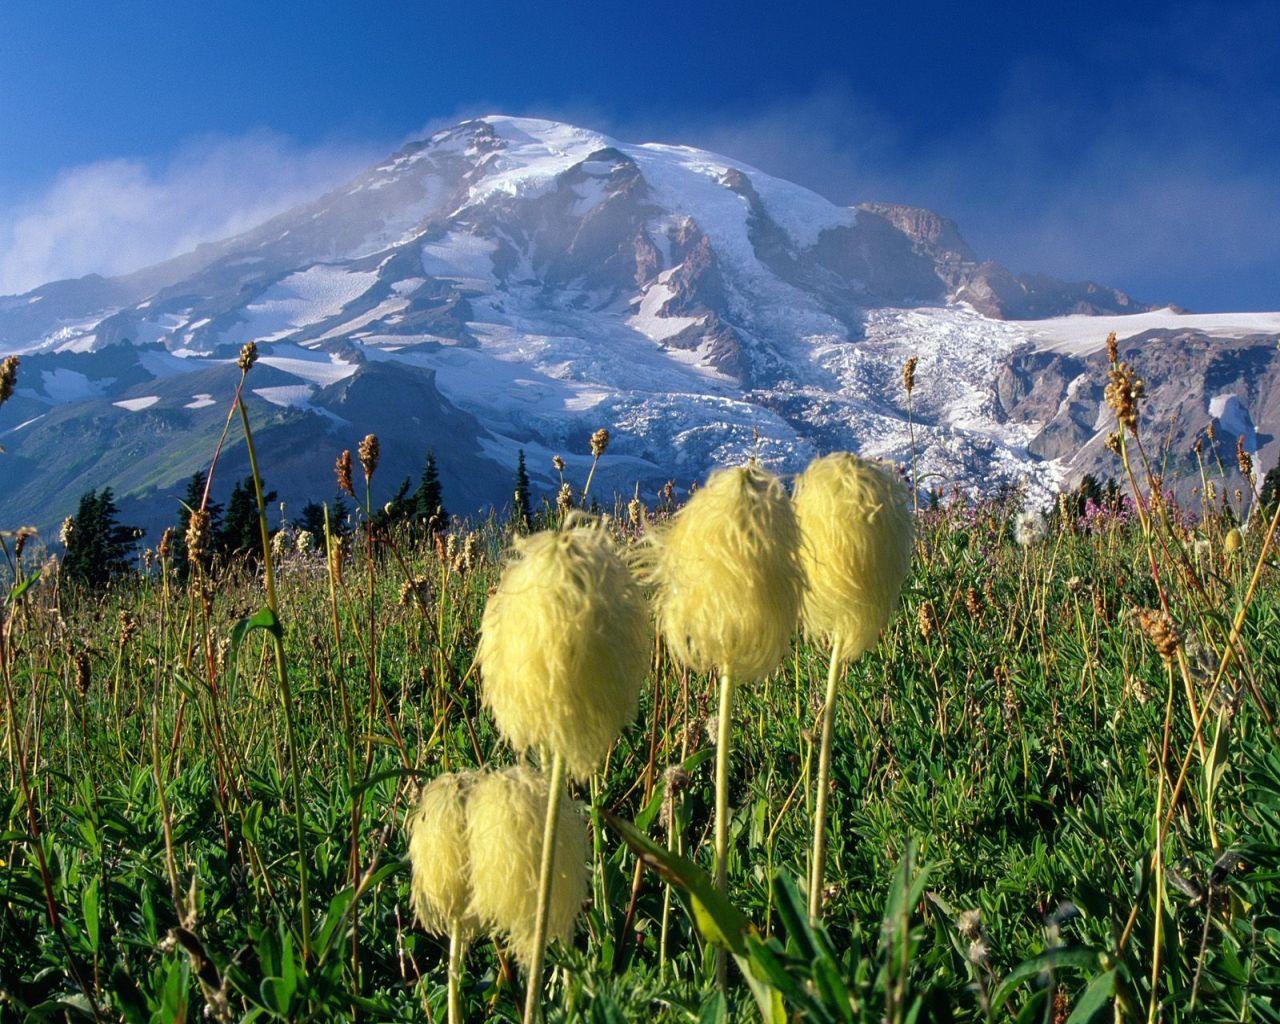 hd wallpaper backgrounds Mount Rainier National Park HD Wallpaper 1280x1024